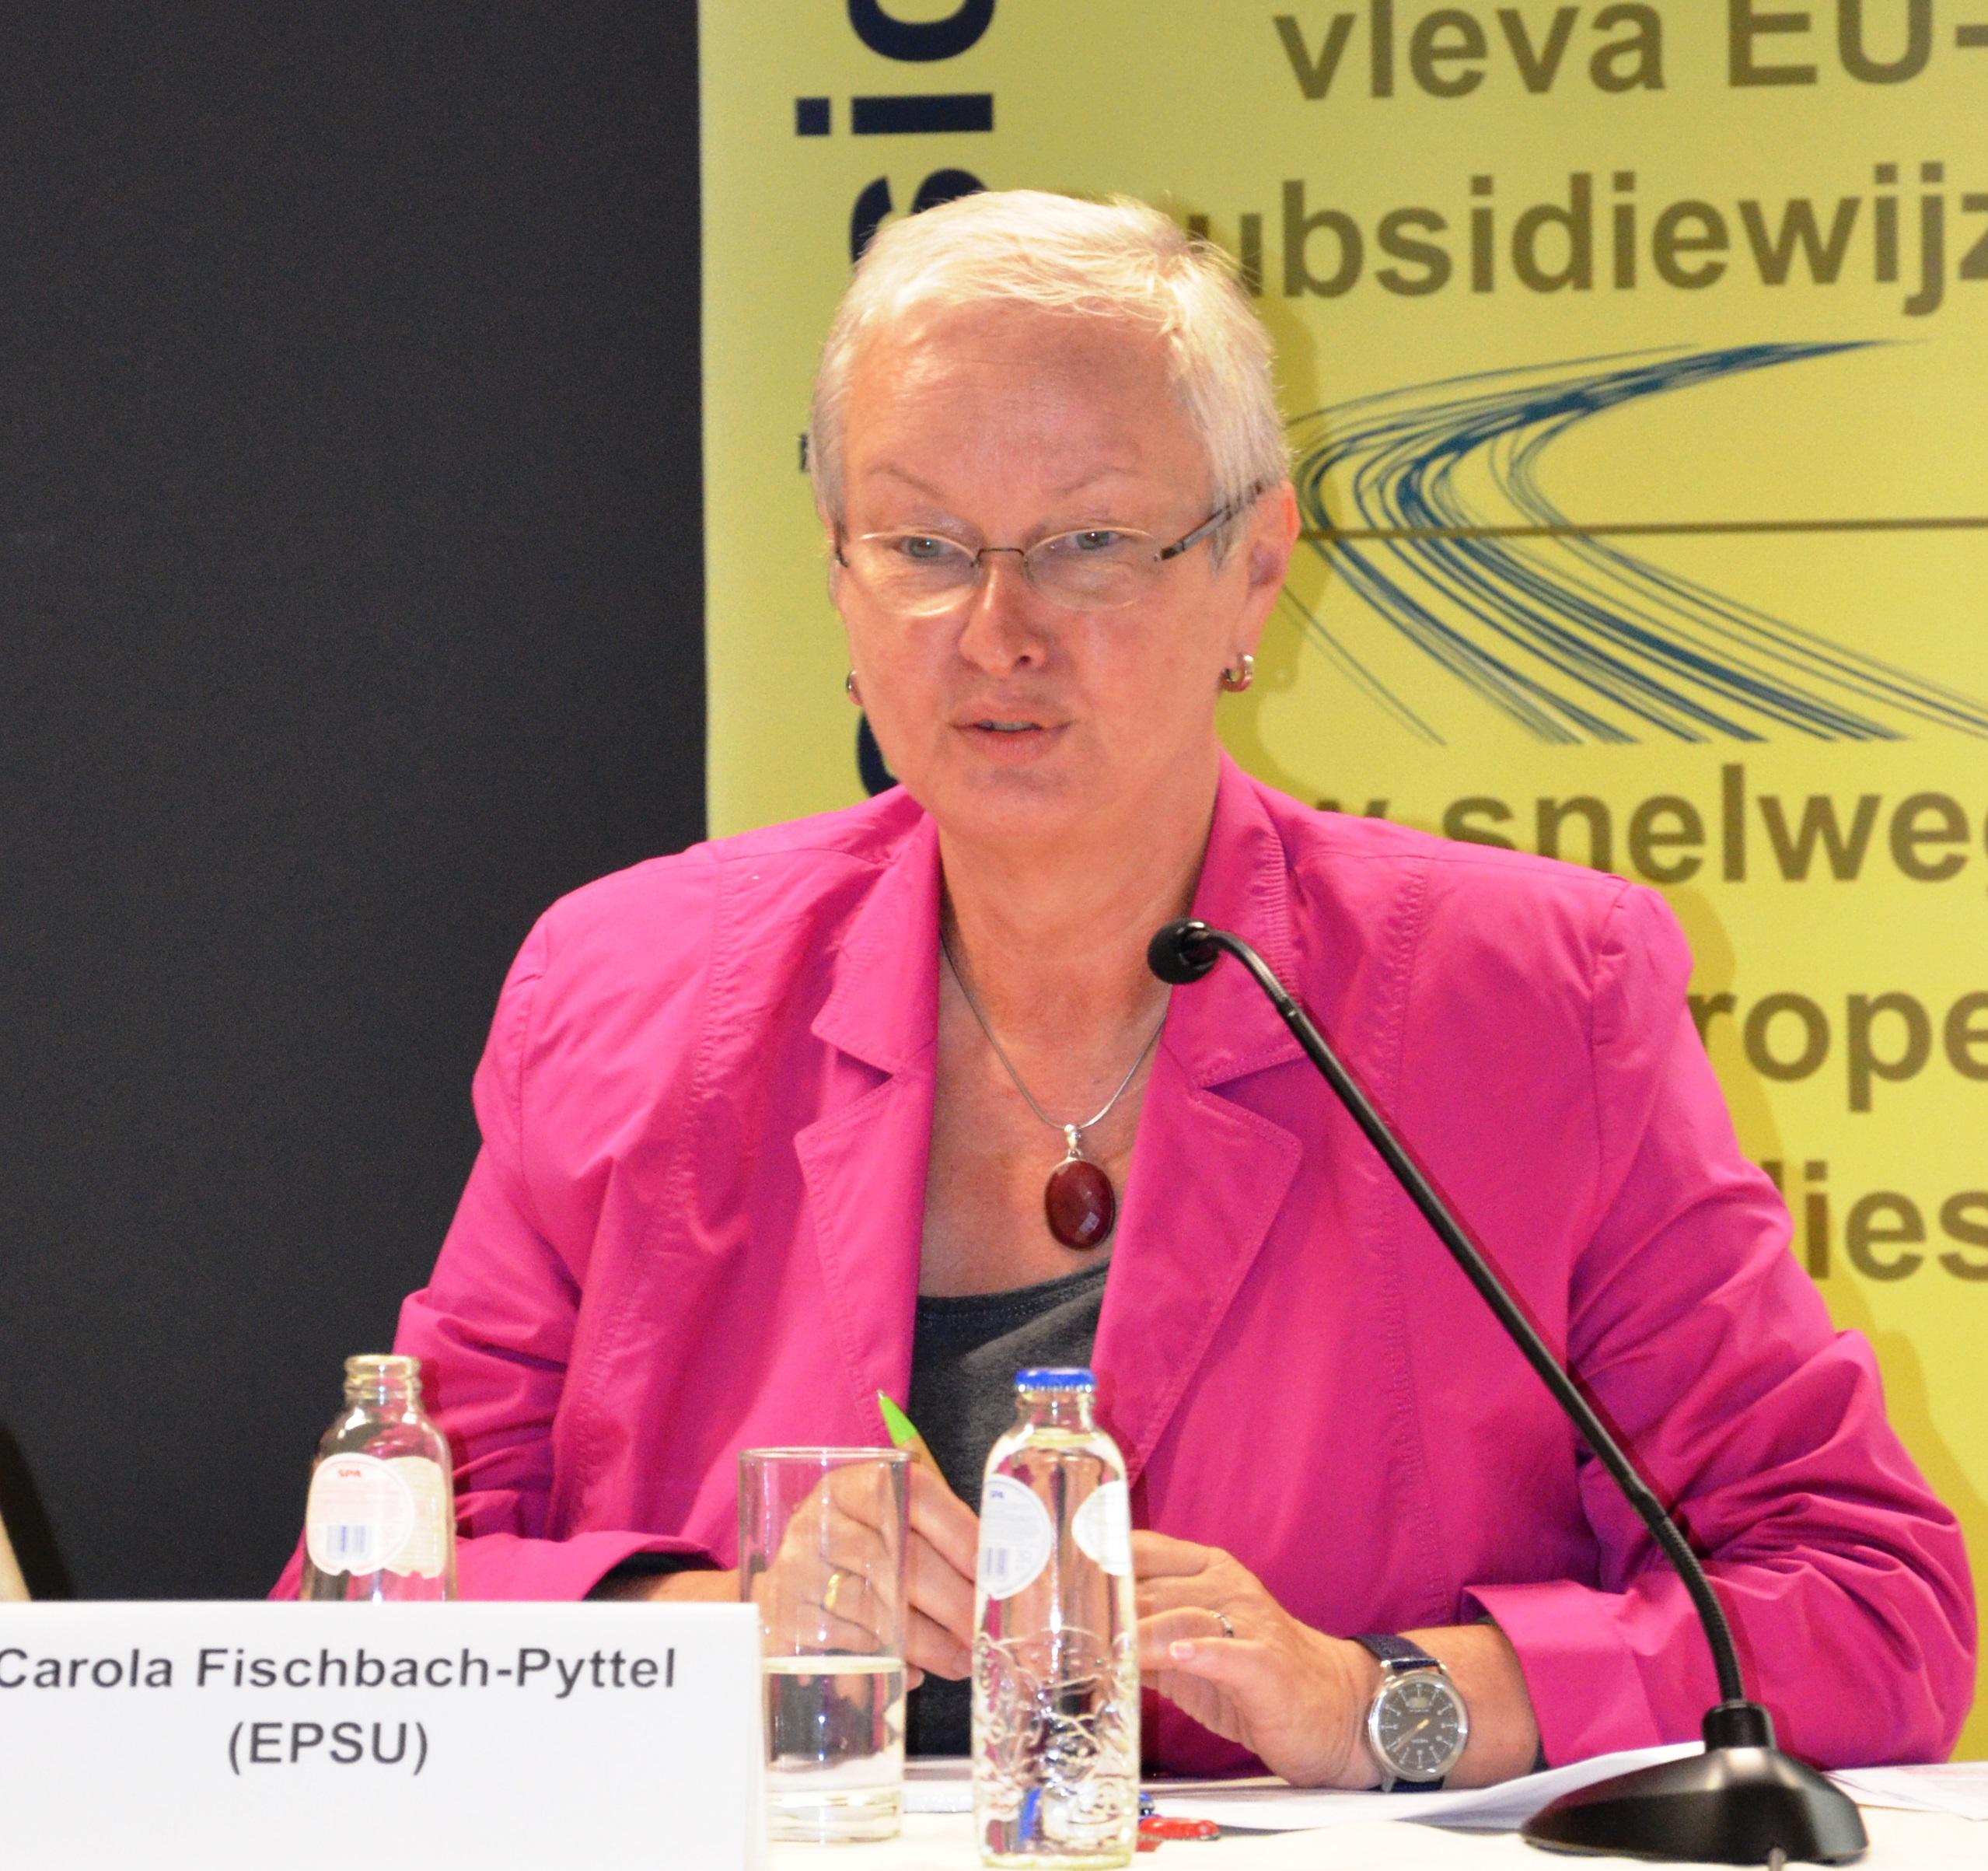 Carola Fischbach-Pyttel